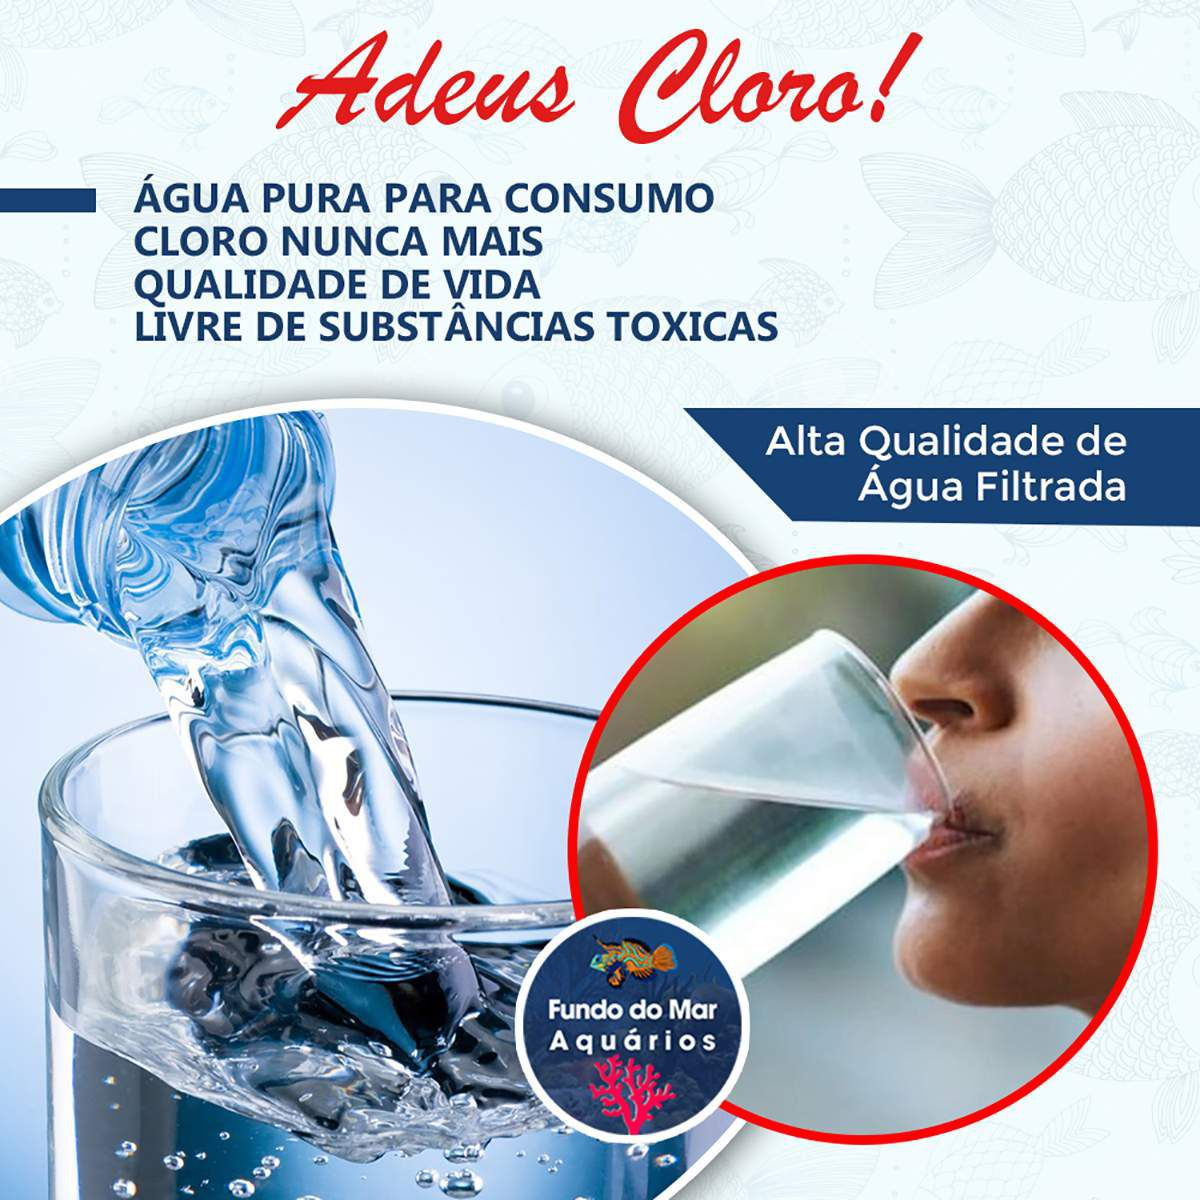 Filtro 3 Estágios Consumo Humano - Remove Cloro e Sujeira